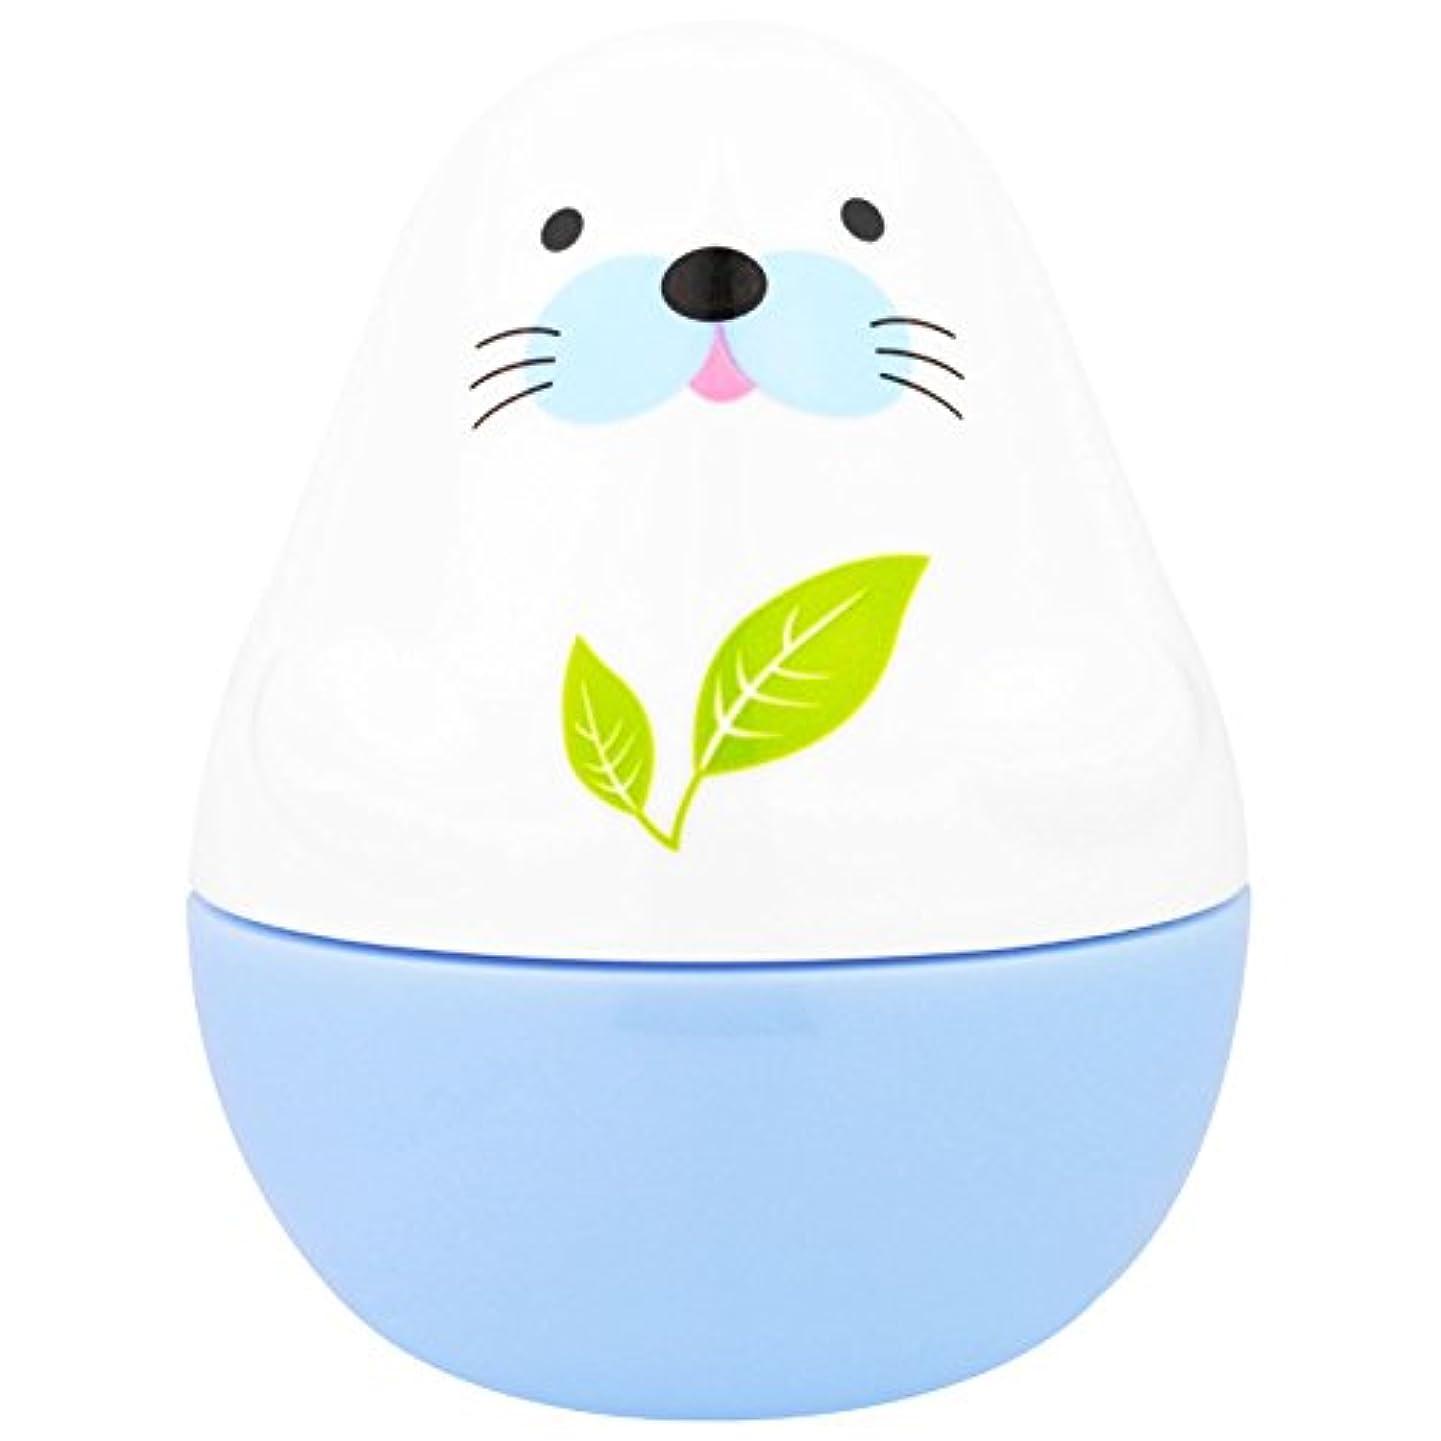 音楽を聴く哺乳類傘ETUDE HOUSE ミッシングユー ハンドクリーム - アザラシ(グリーンティーの香り) (並行輸入品)